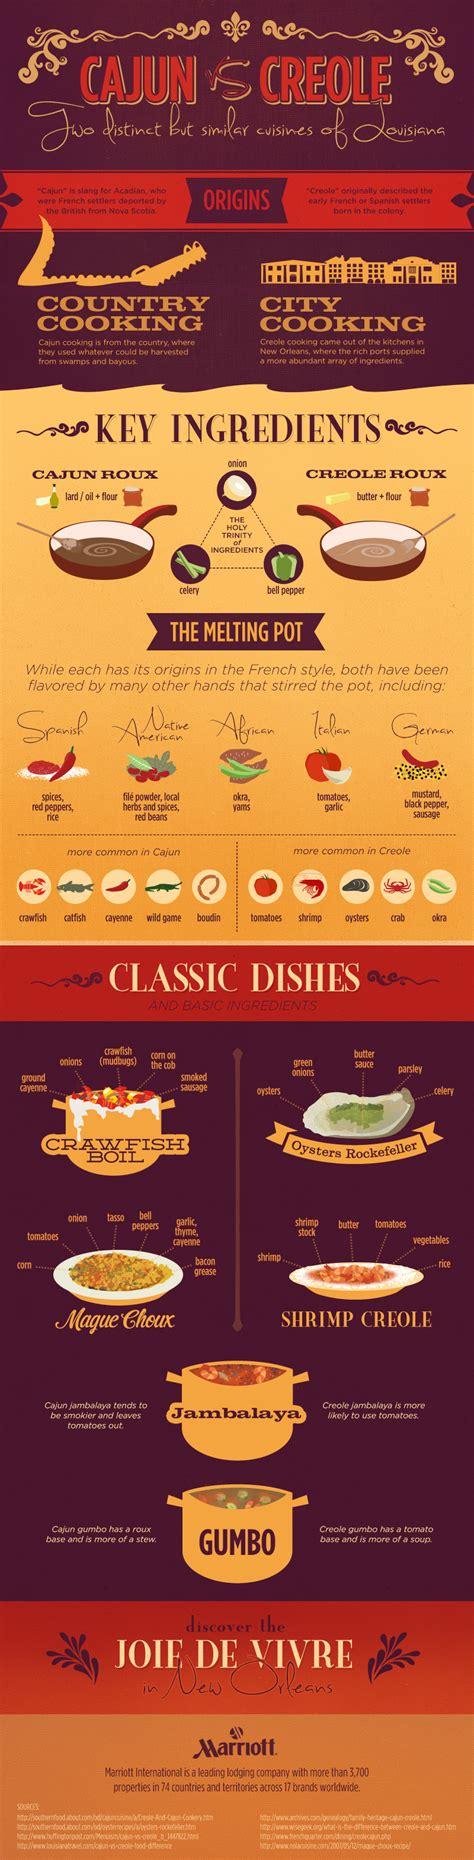 cuisine of louisiana cajun and creole cuisine explained